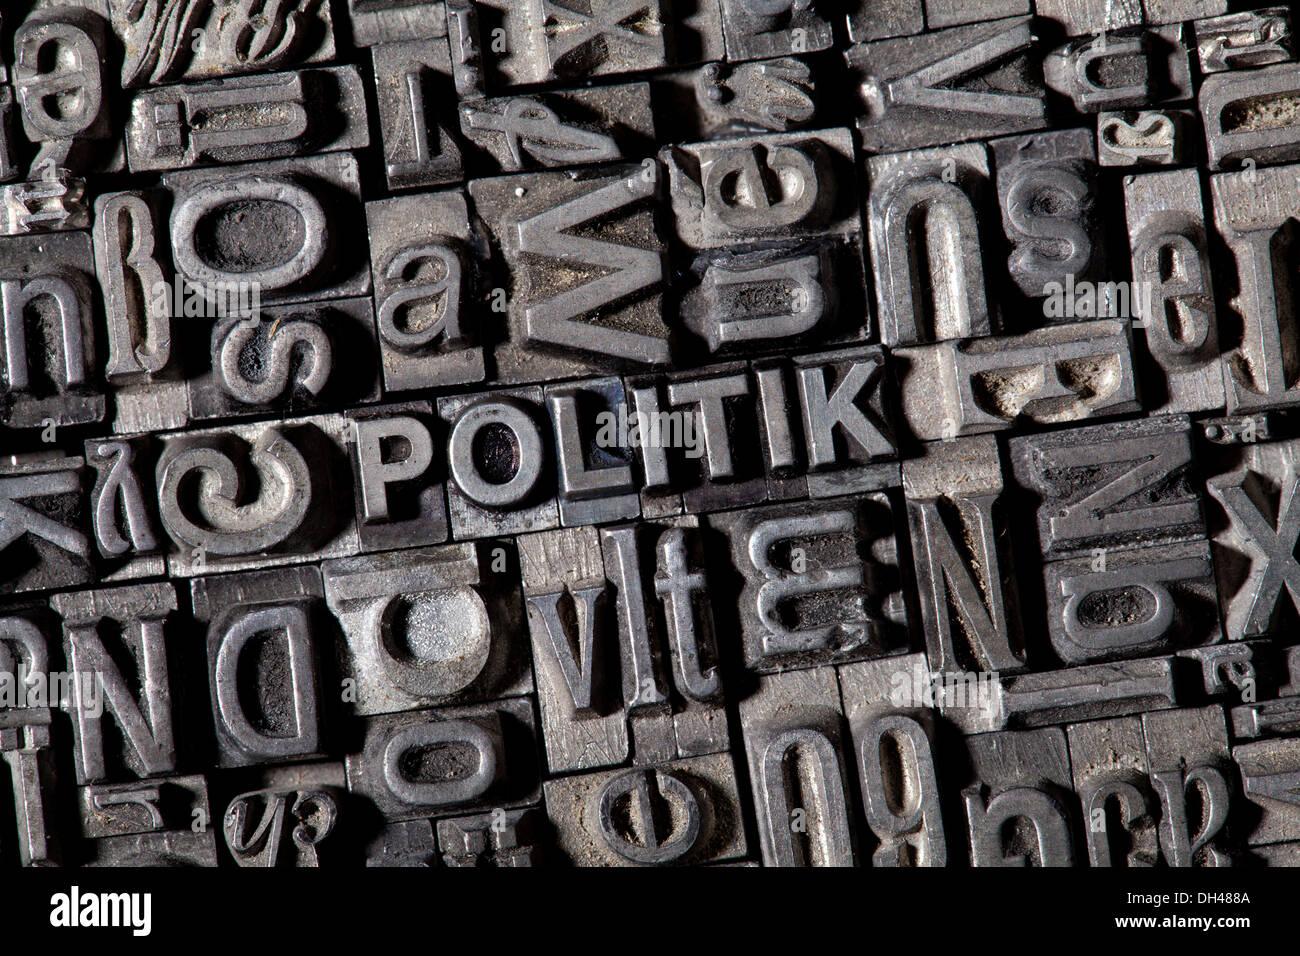 """Alten führen Buchstaben bilden das Wort """"POLITIK"""", Deutsch für """"Politik"""" Stockbild"""